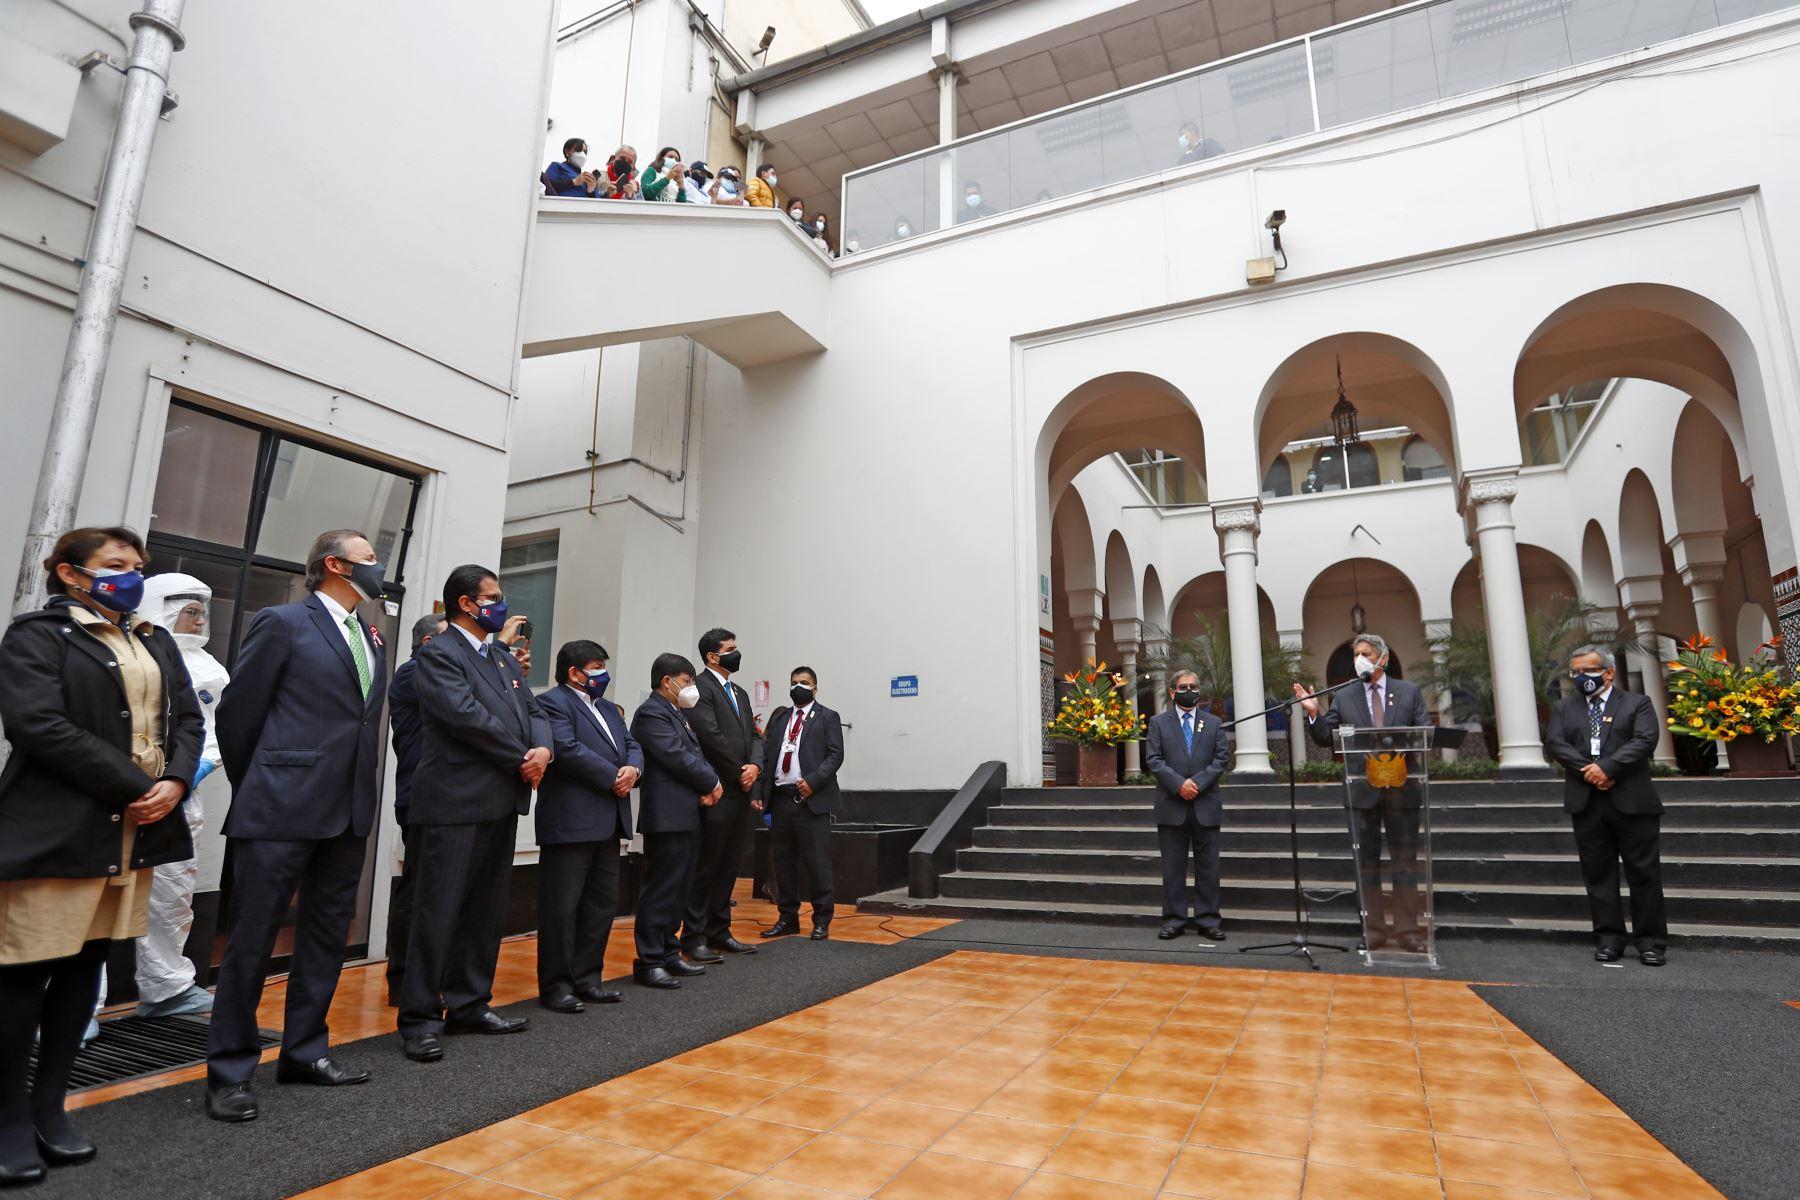 La ceremonia contó con la participación del ministro de Salud, Óscar Ugarte; del jefe del INS, Víctor Suárez; y del director ejecutivo del Proyecto Especial Legado Juegos Panamericanos y Parapanamericanos, Alberto Valenzuela; así como con la presencia de funcionarios y trabajadores del INS. Foto: ANDINA/ Prensa Presidencia